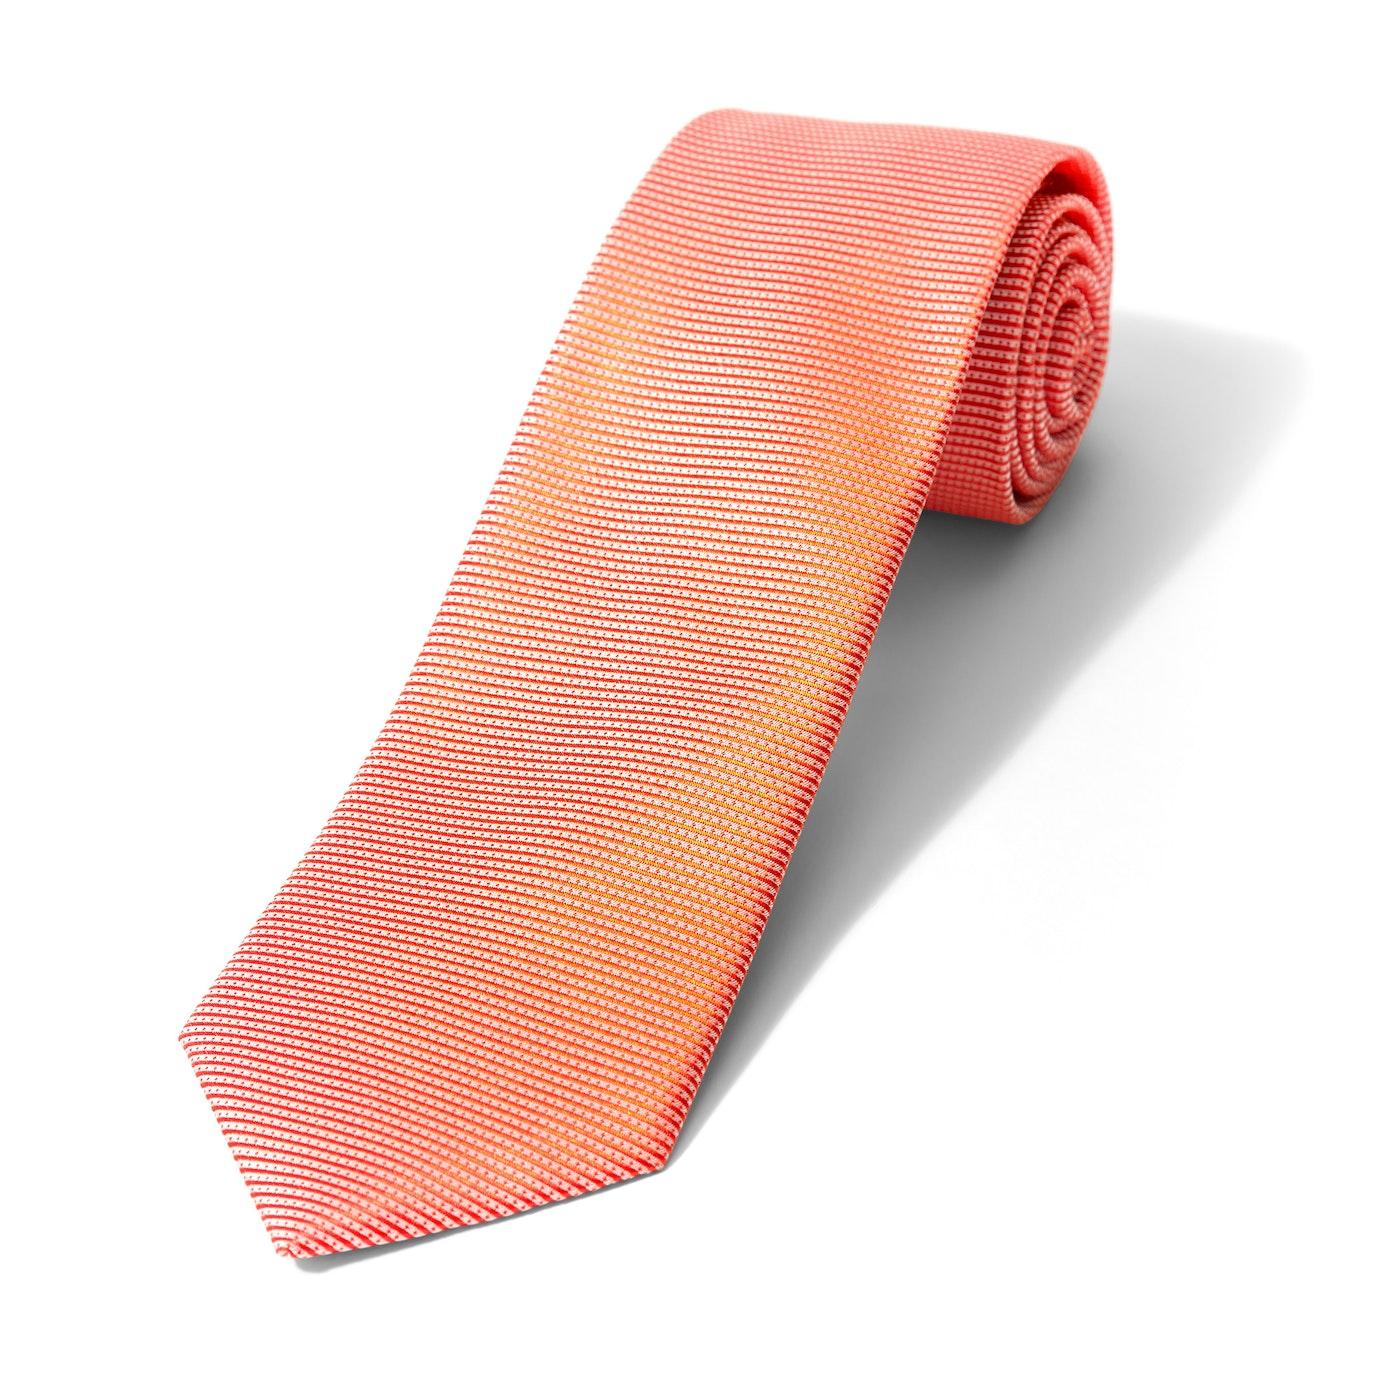 Iridescent Orange Dobby Tie